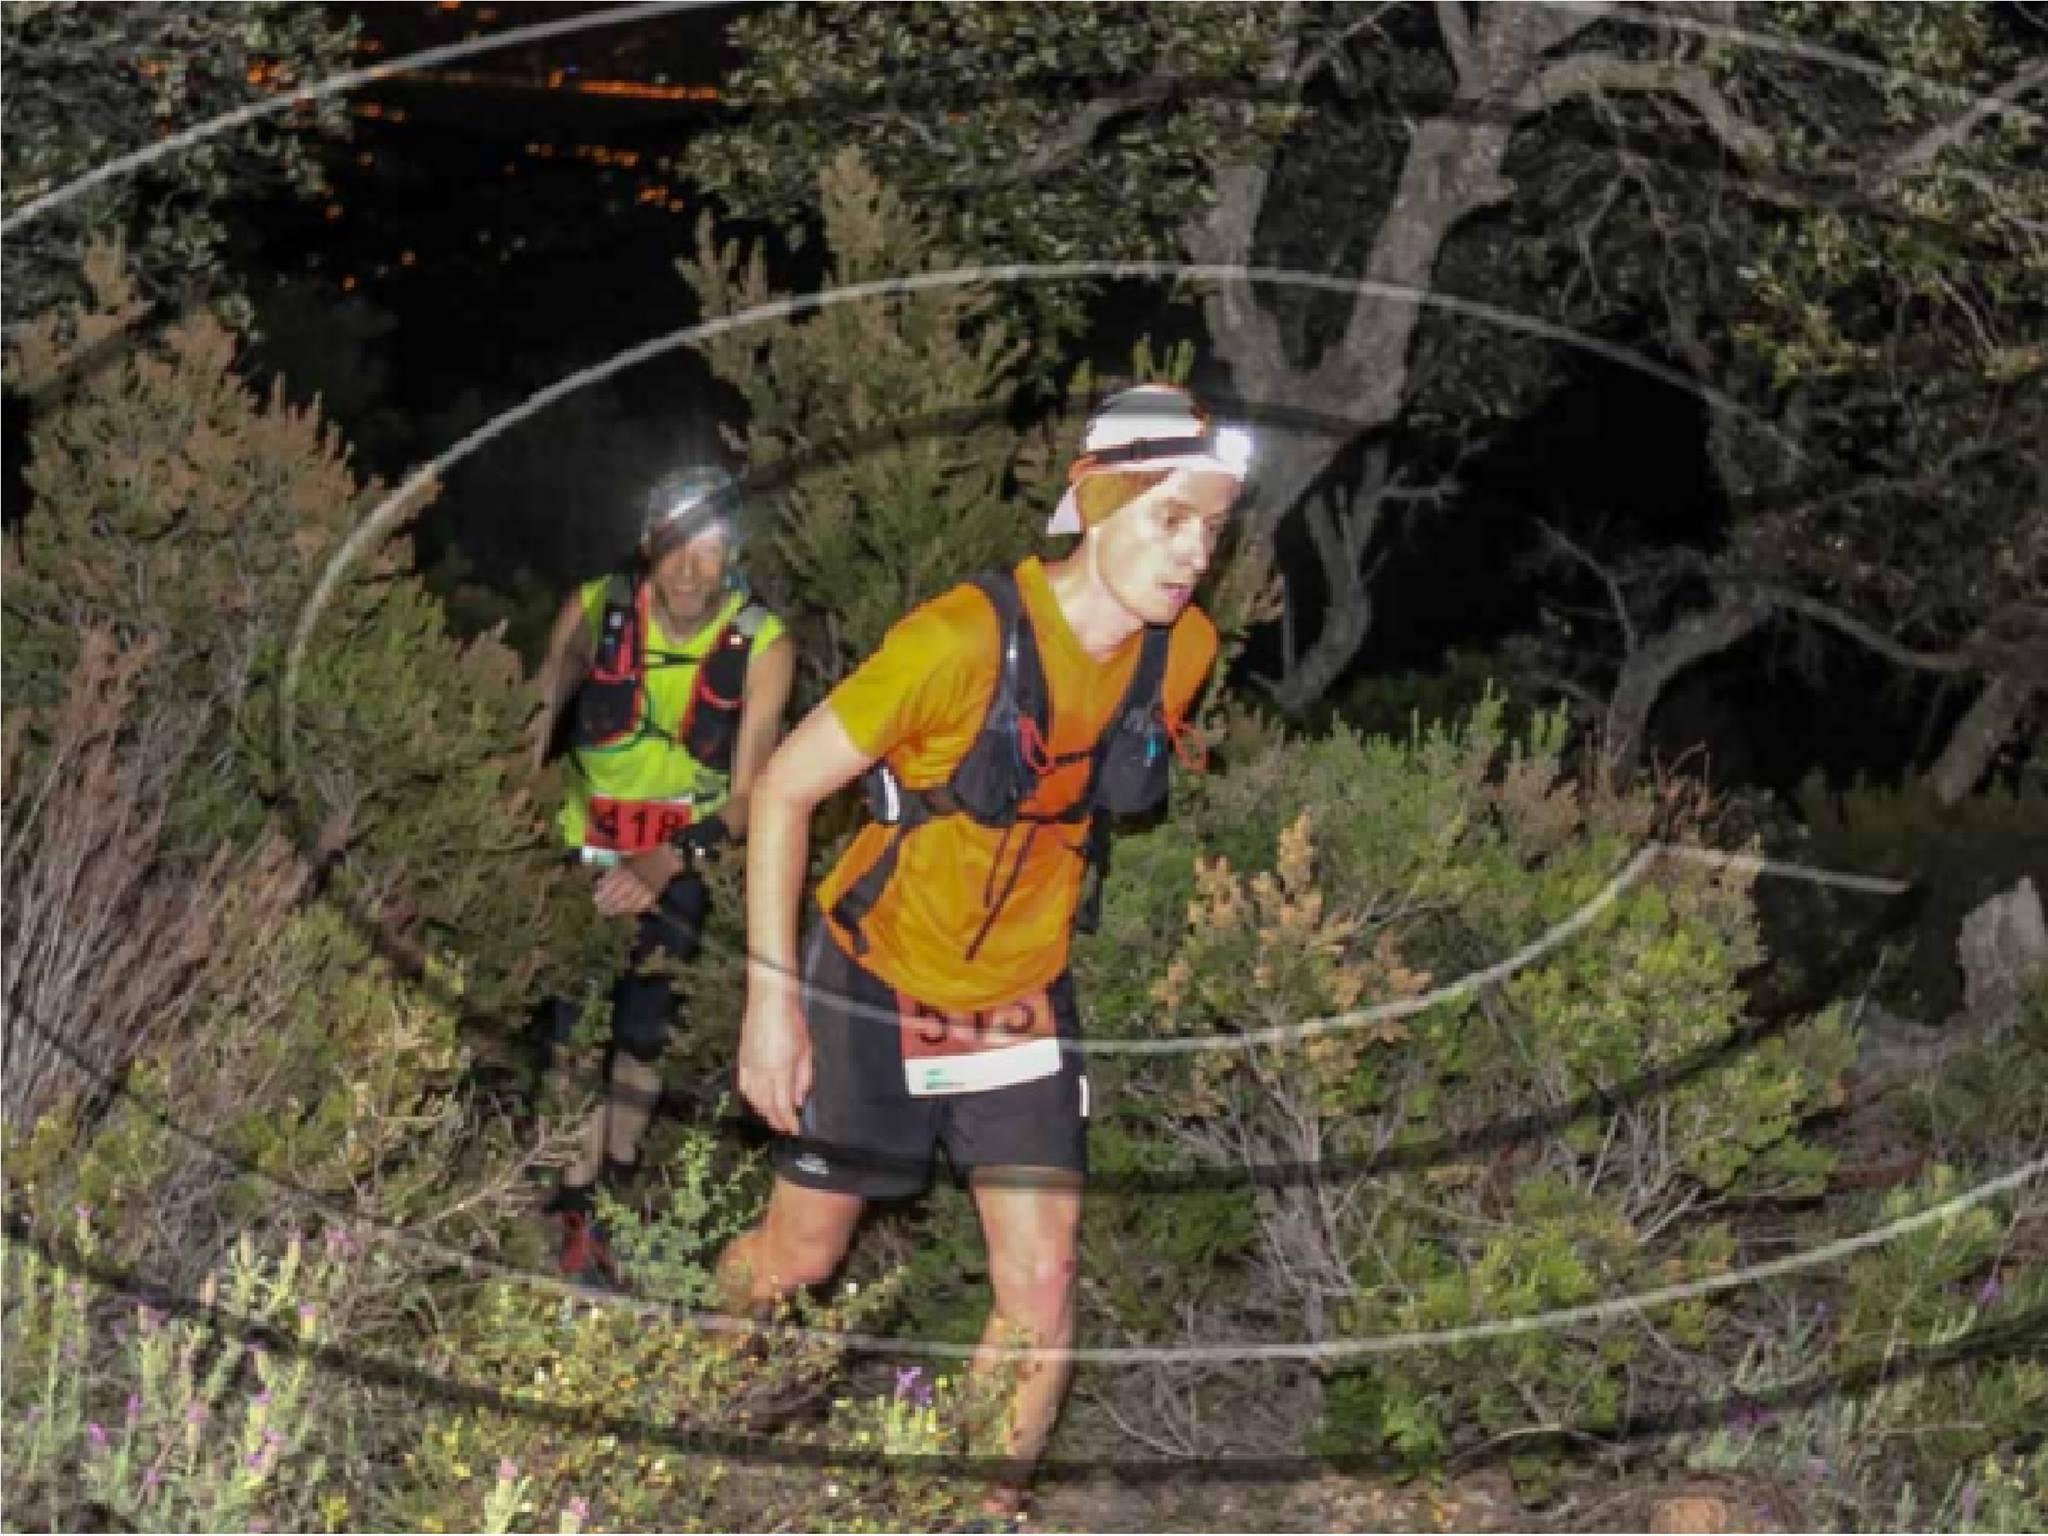 coureur de trail